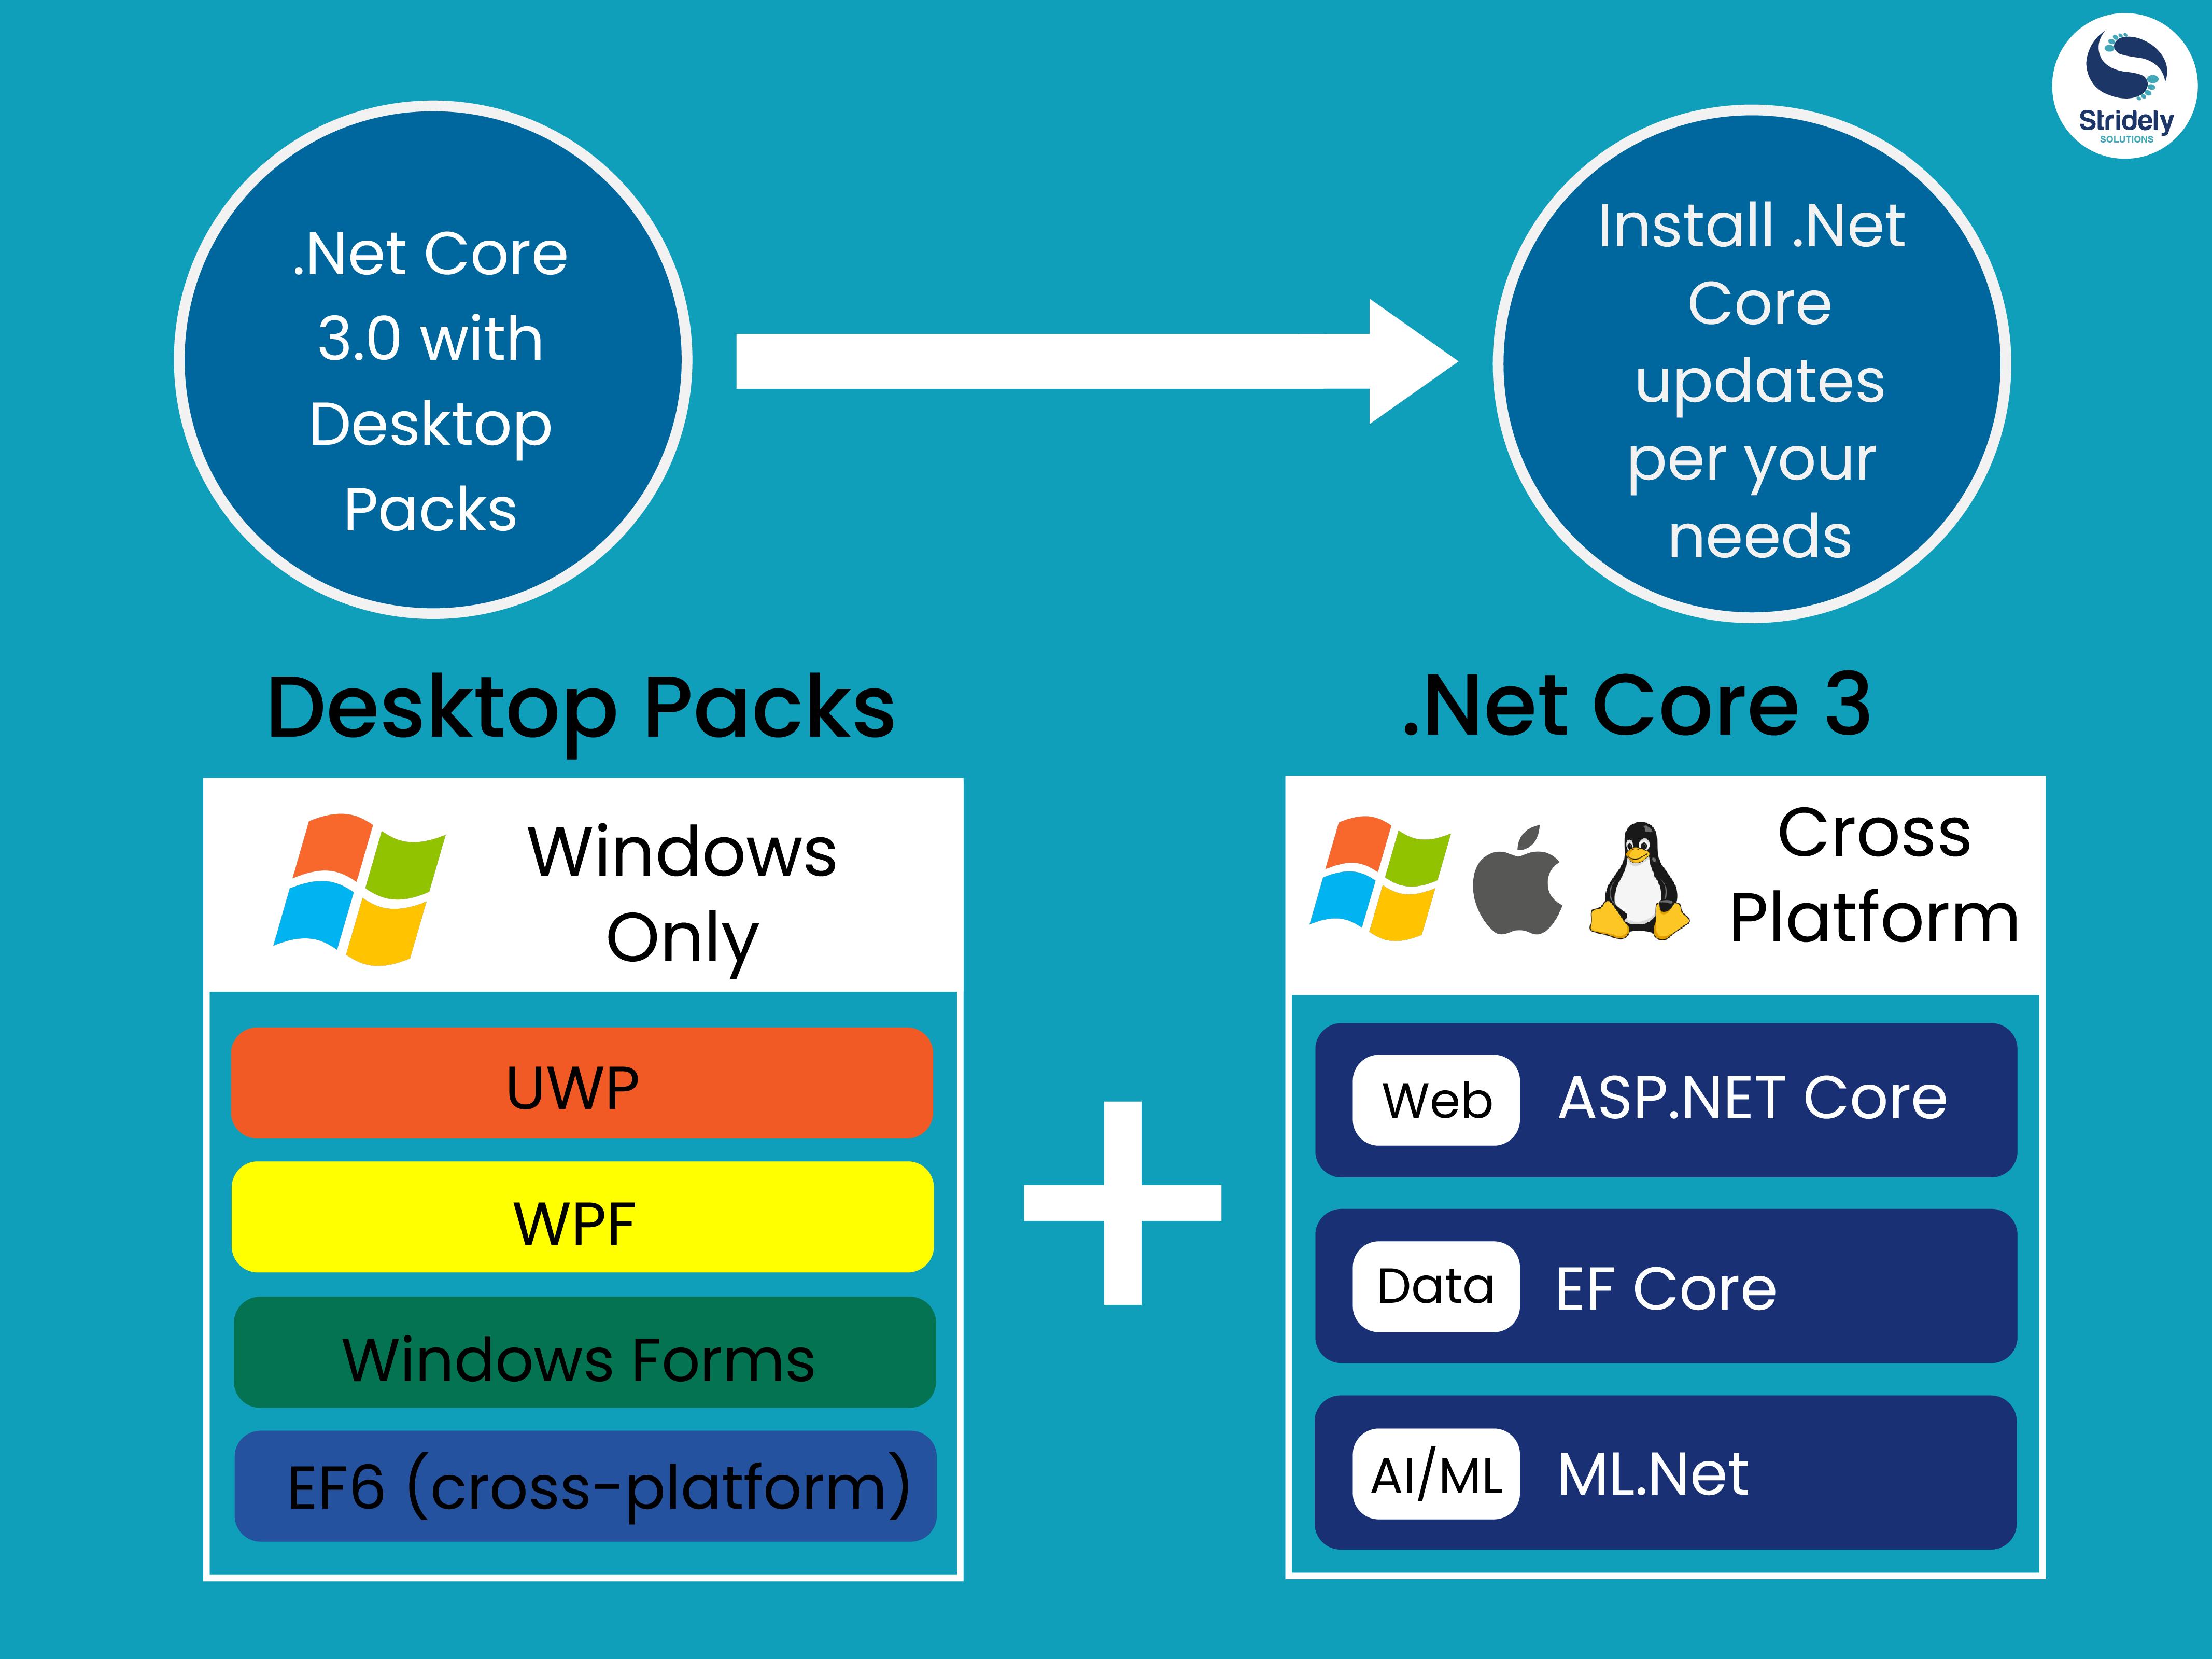 What Is New in  NET Core 3 0? - DZone Web Dev